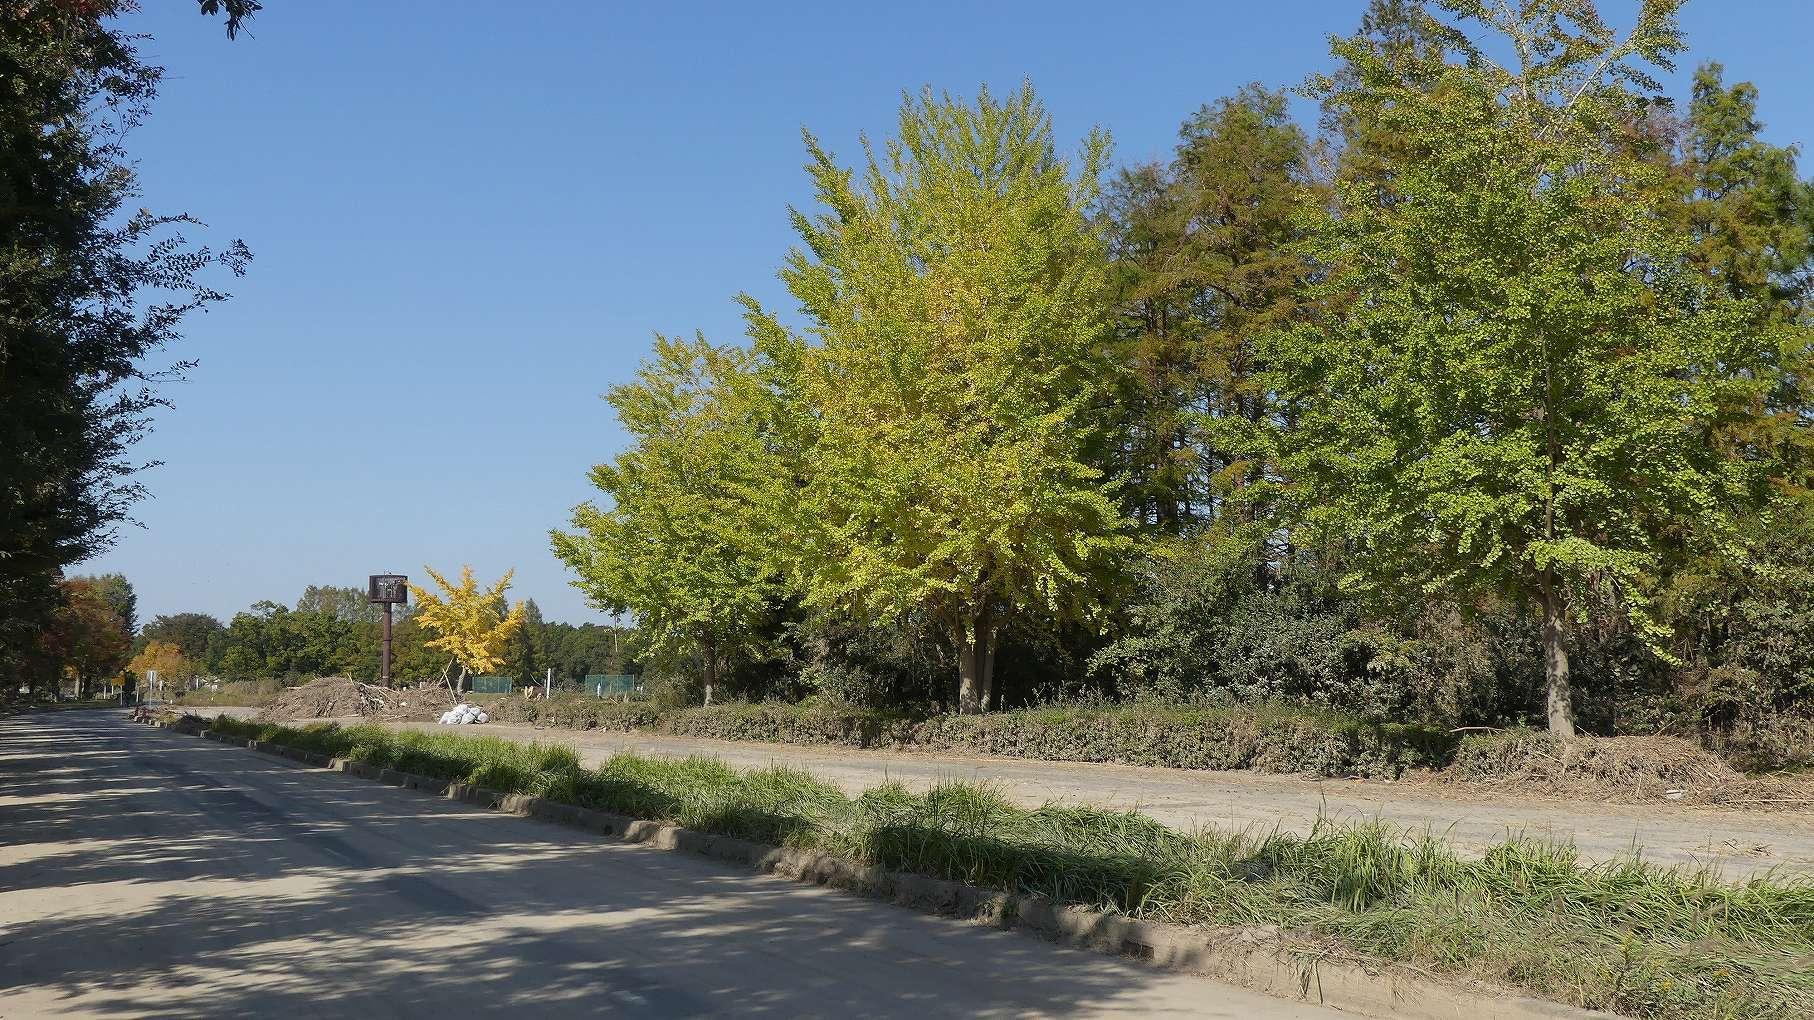 秋ヶ瀬公園ふたりぼっち 【 2019 11/9(土) 】_a0185081_10395401.jpg